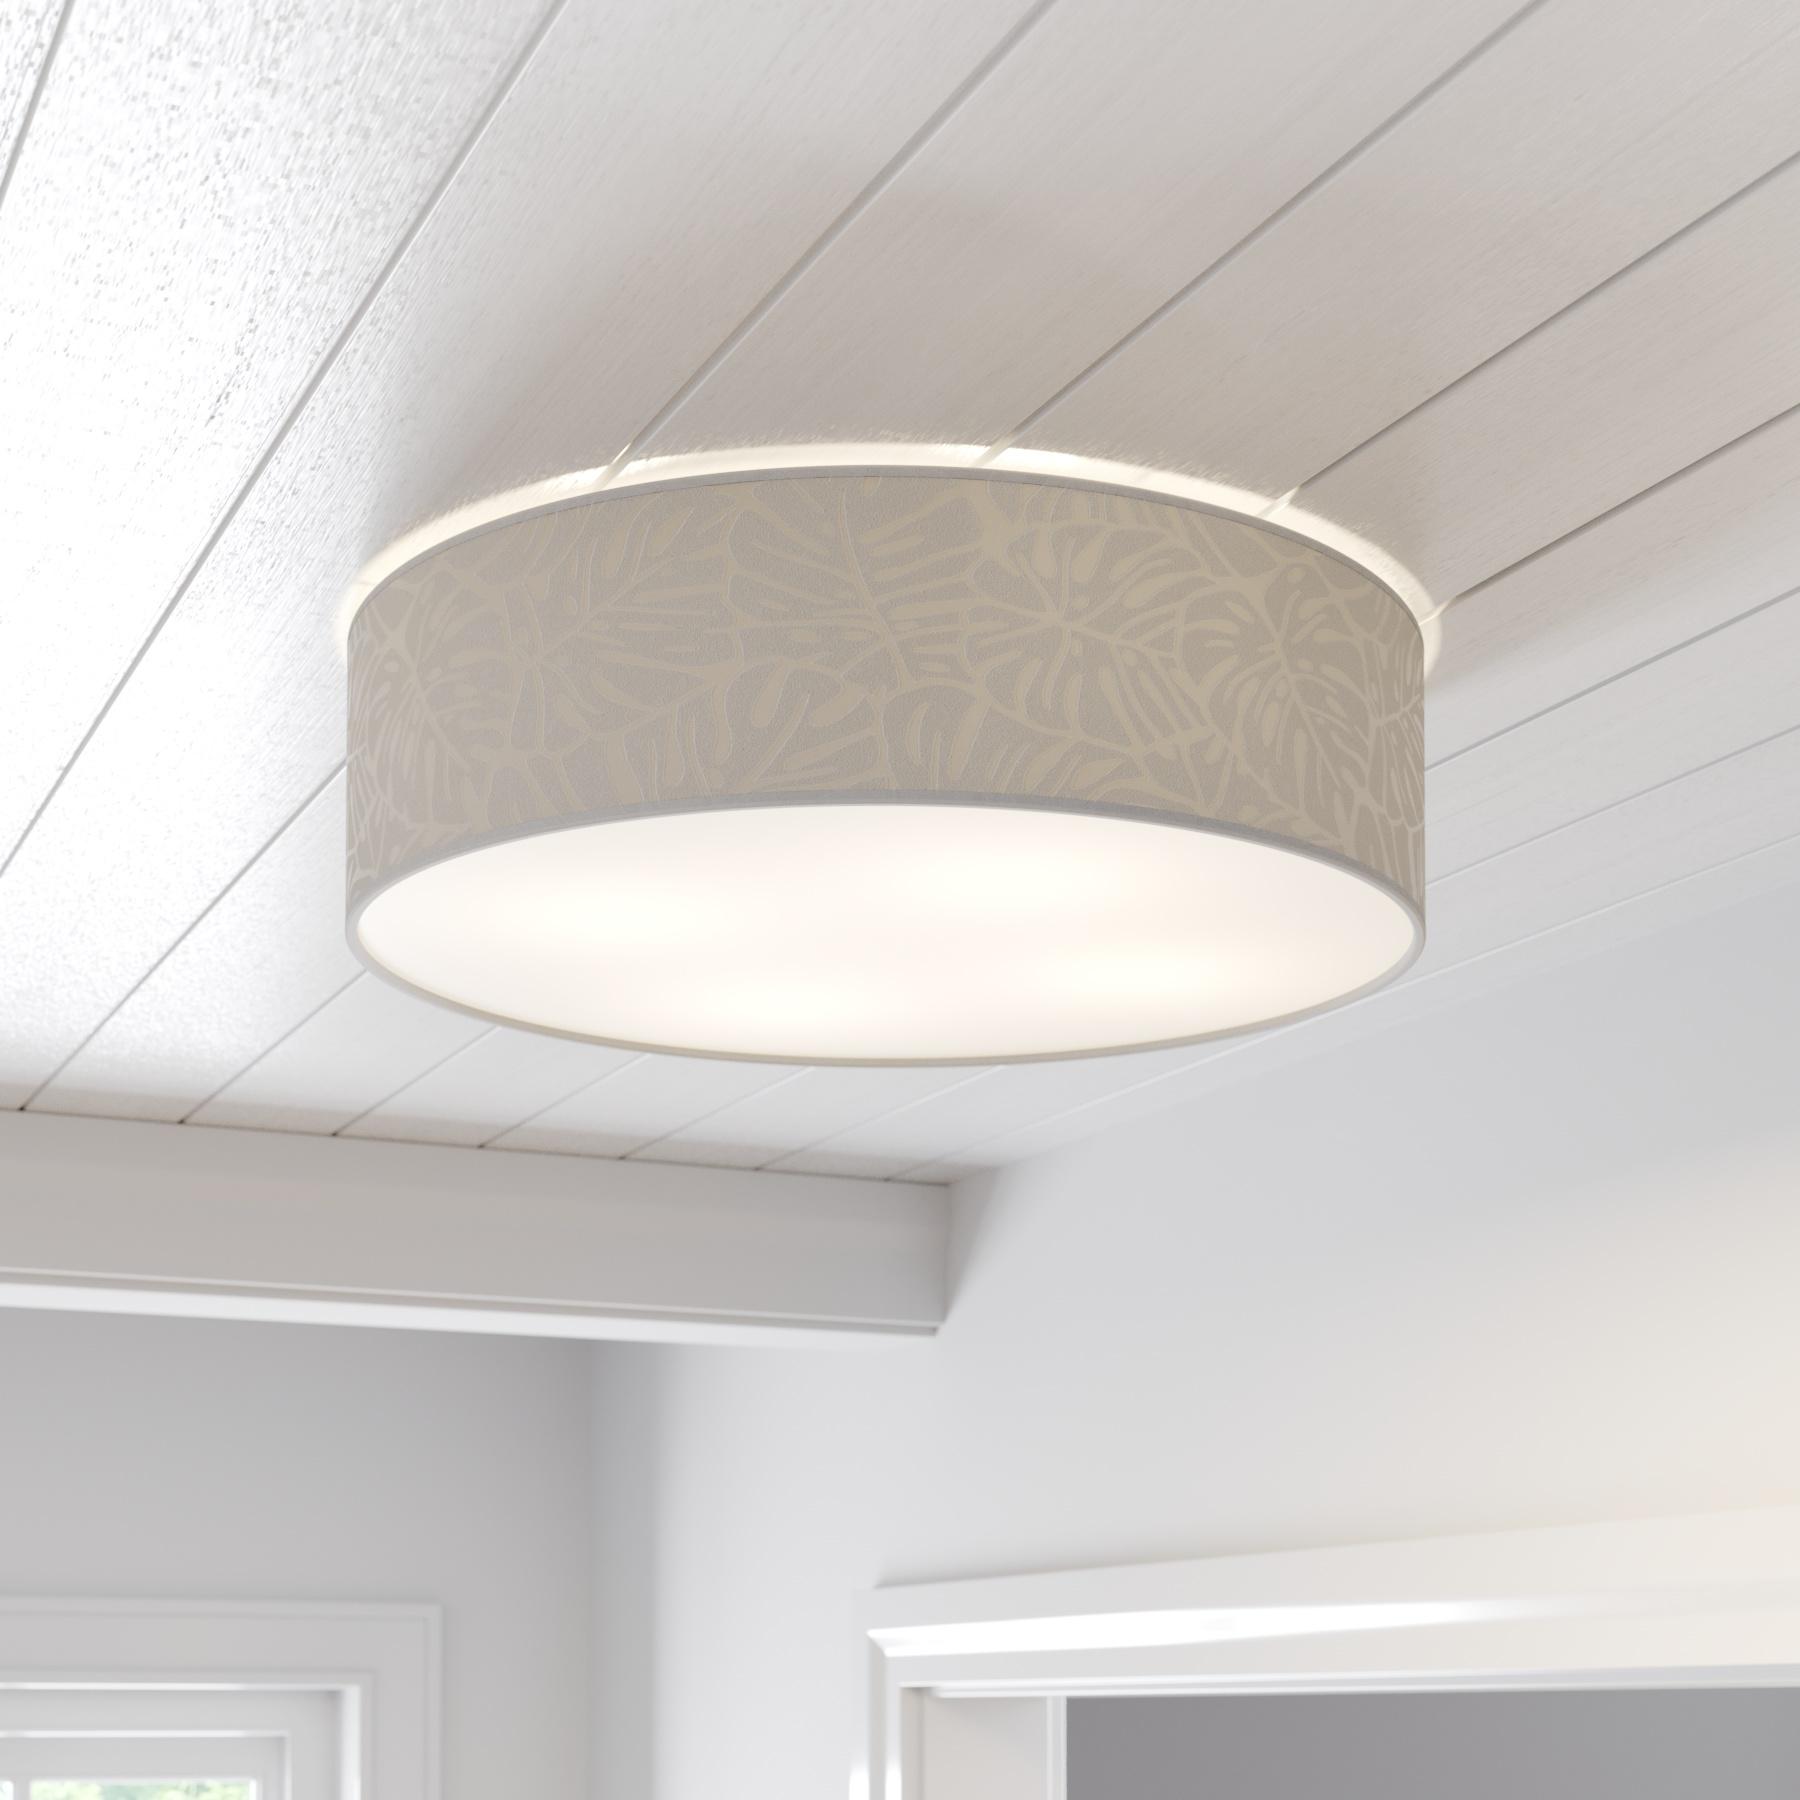 Lampa sufitowa Hierro z przesłoną okrągła Ø 58 cm